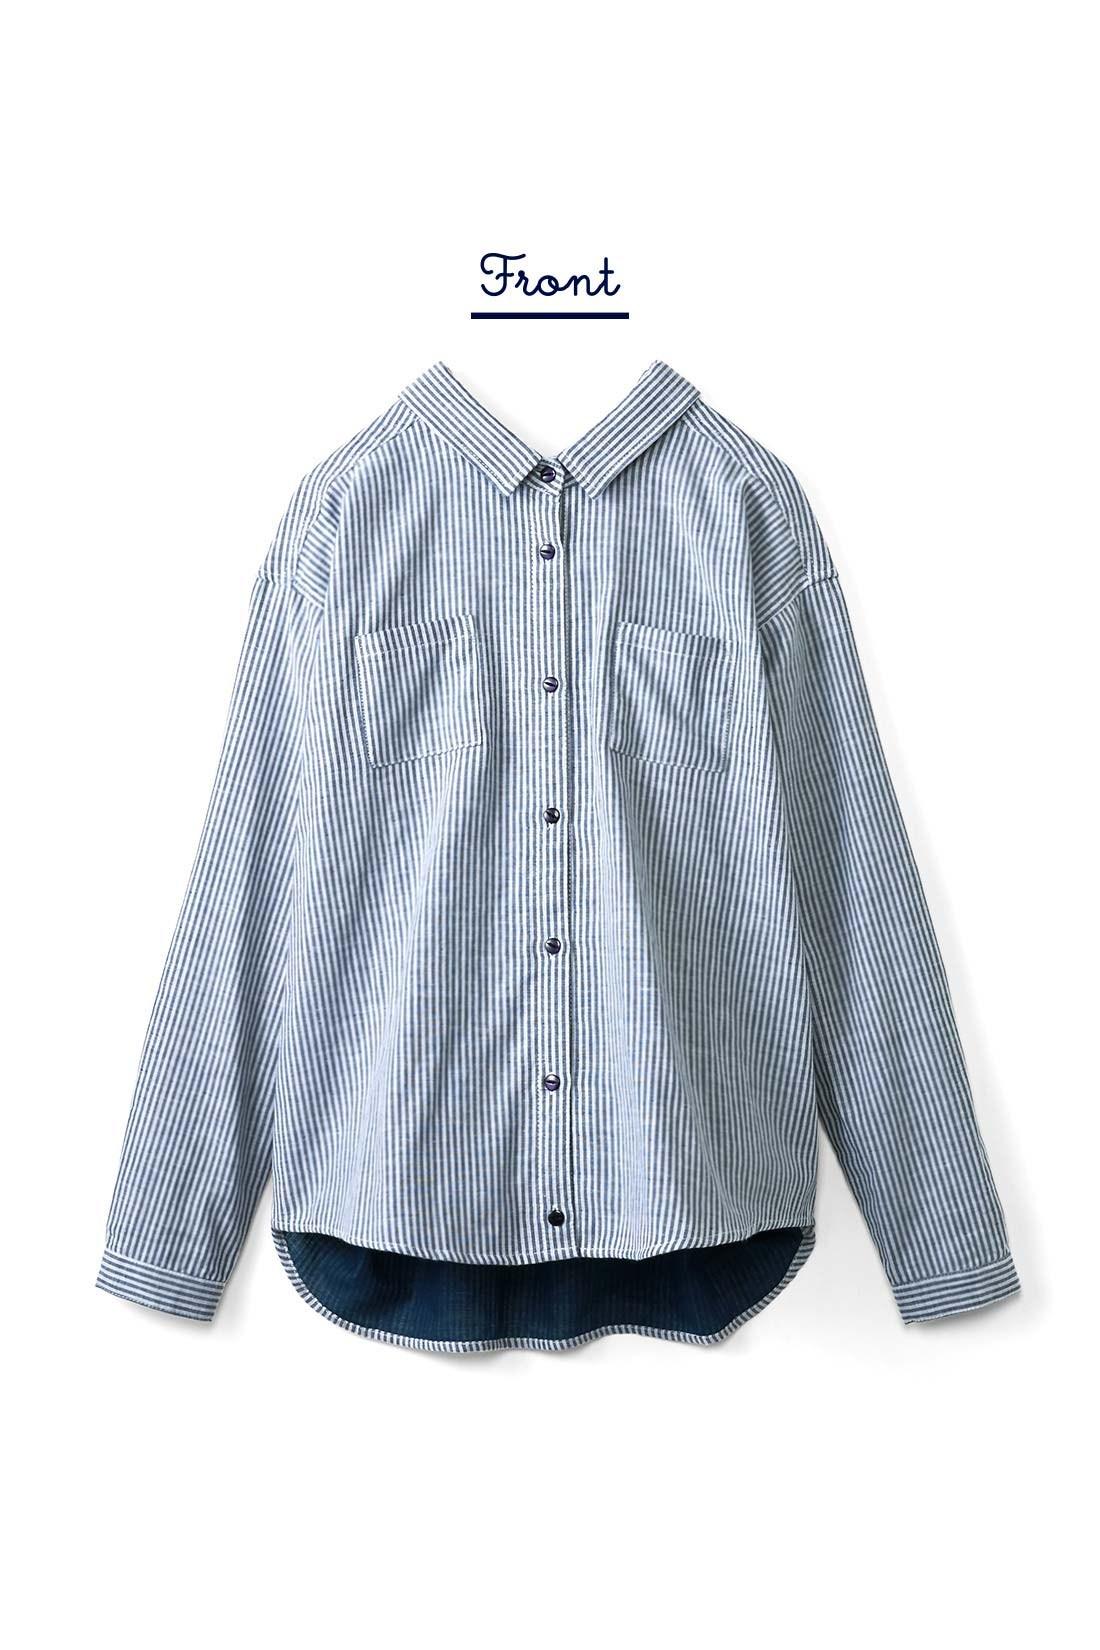 フロントは、胸ポケットが2つ付いてすっきりベーシックな印象。